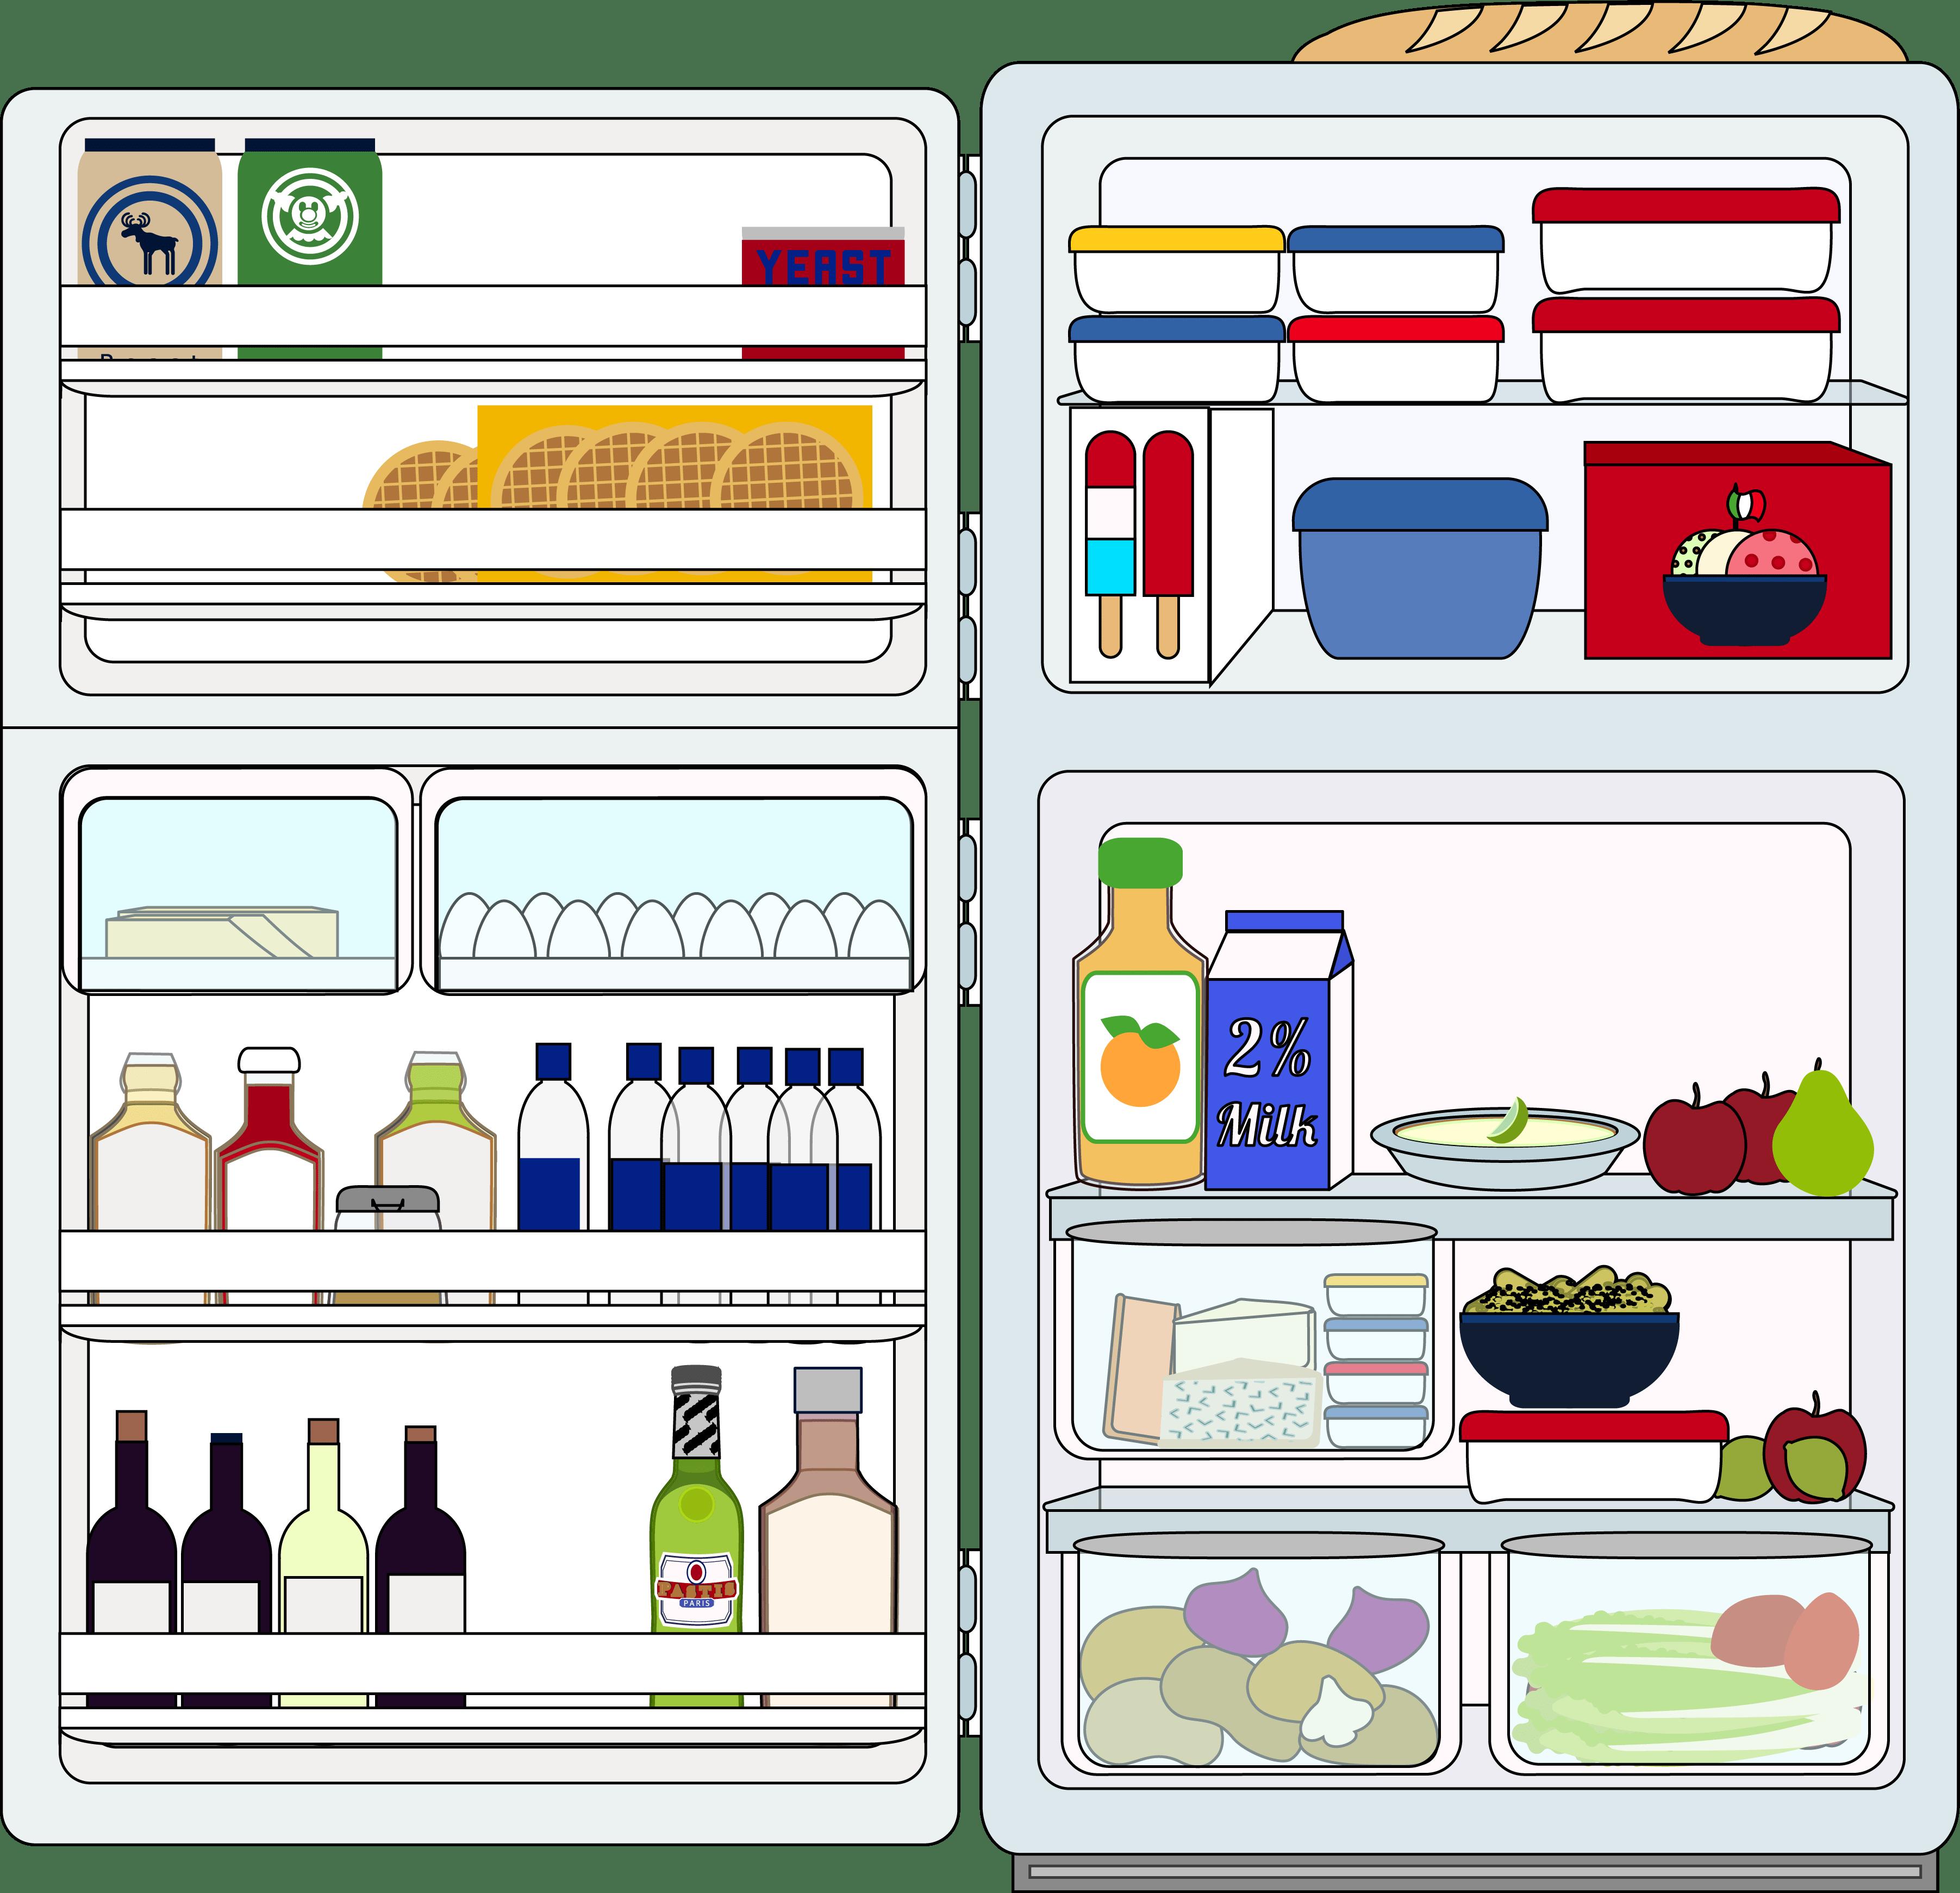 в холодильнике полно продуктов